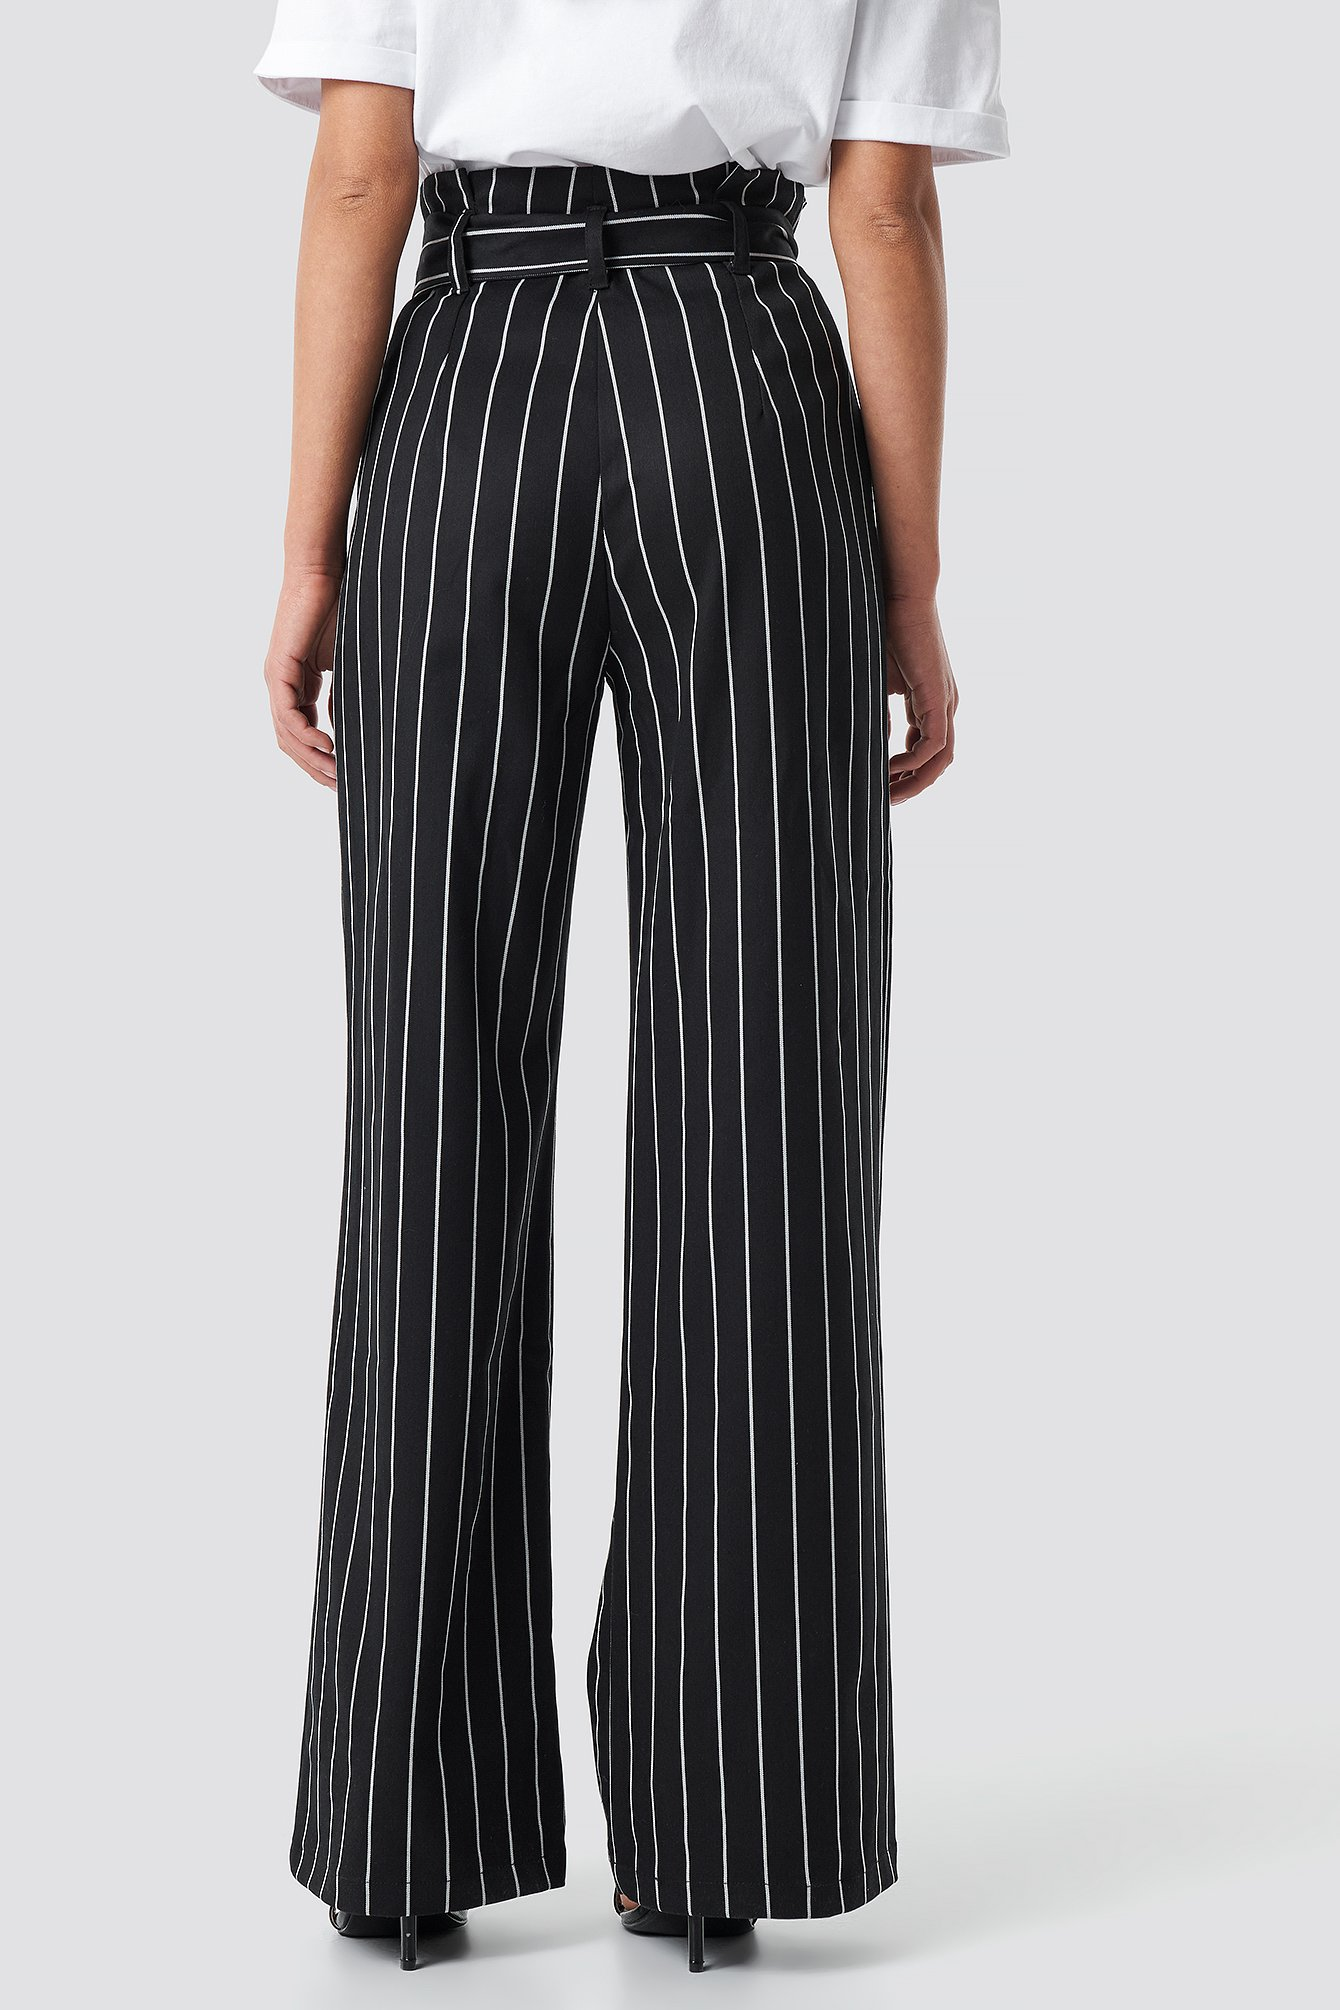 Striped Flare Pants NA-KD.COM